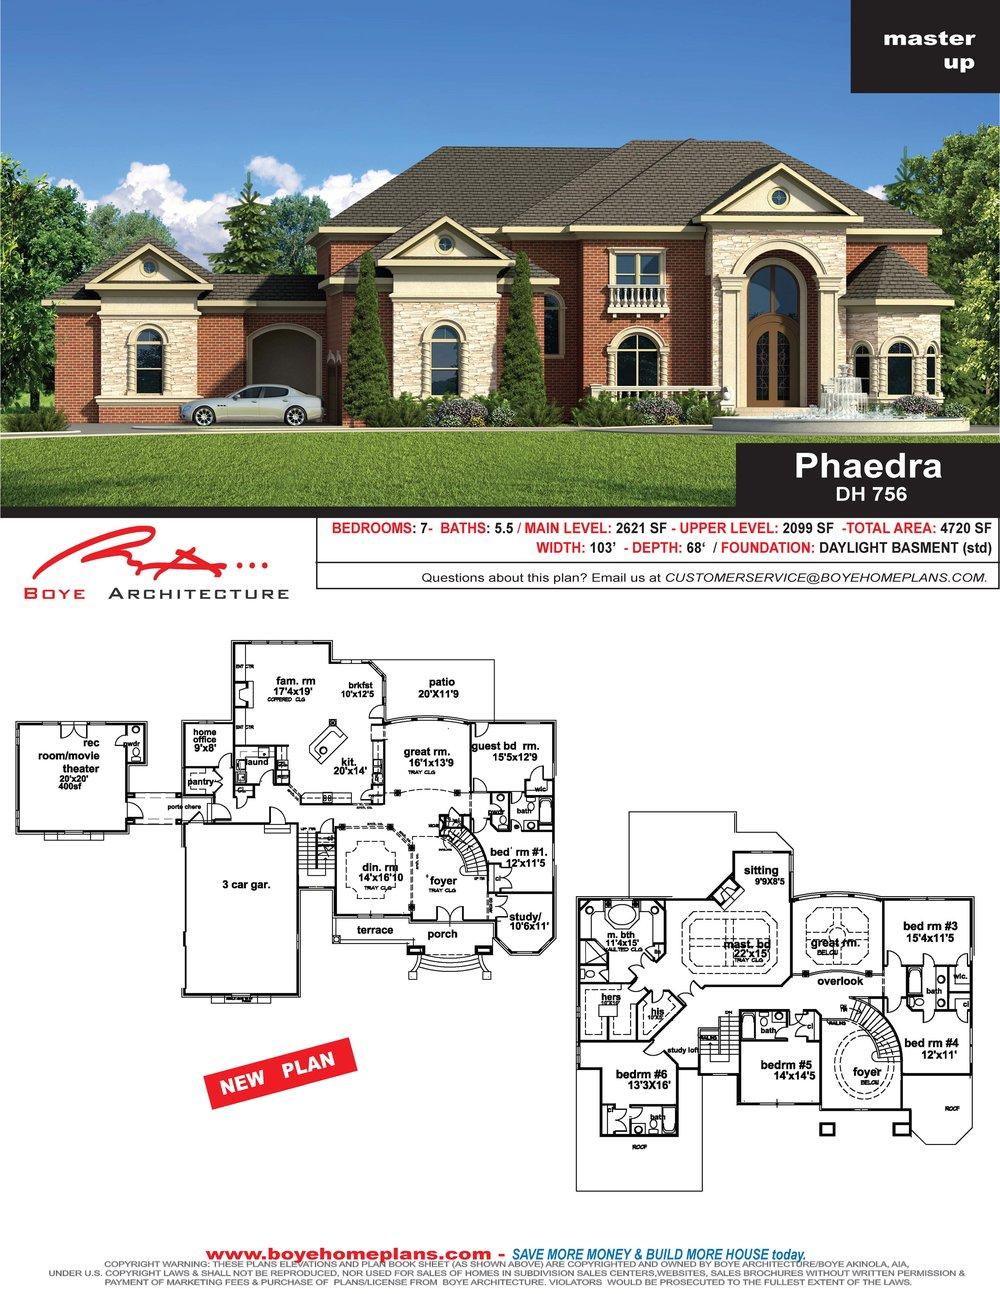 PHAEDRA PLAN PAGE-DH756-102116.jpg